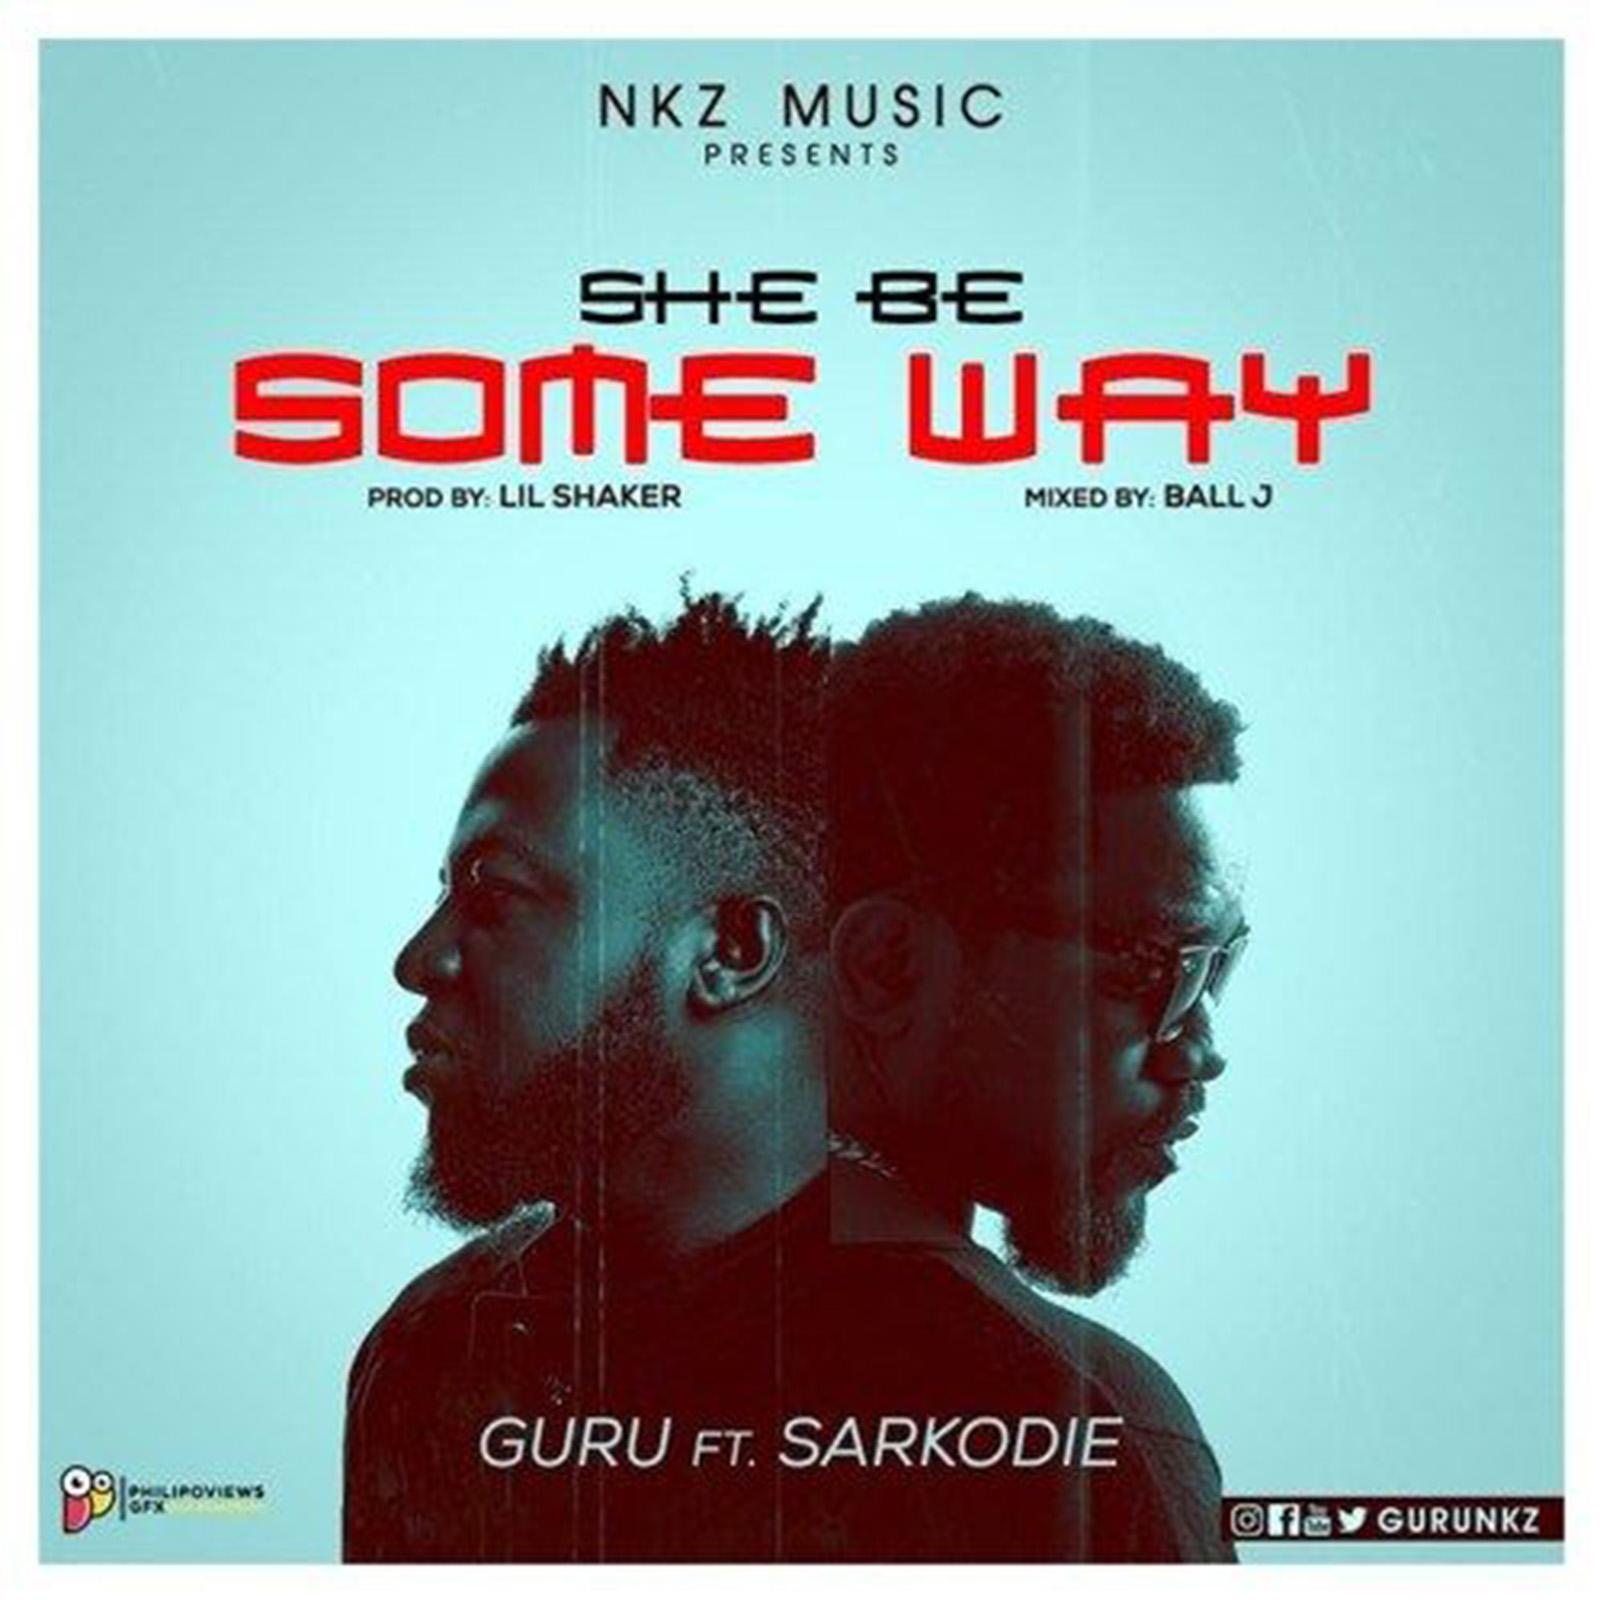 Sudja by Guru feat. Ennwai